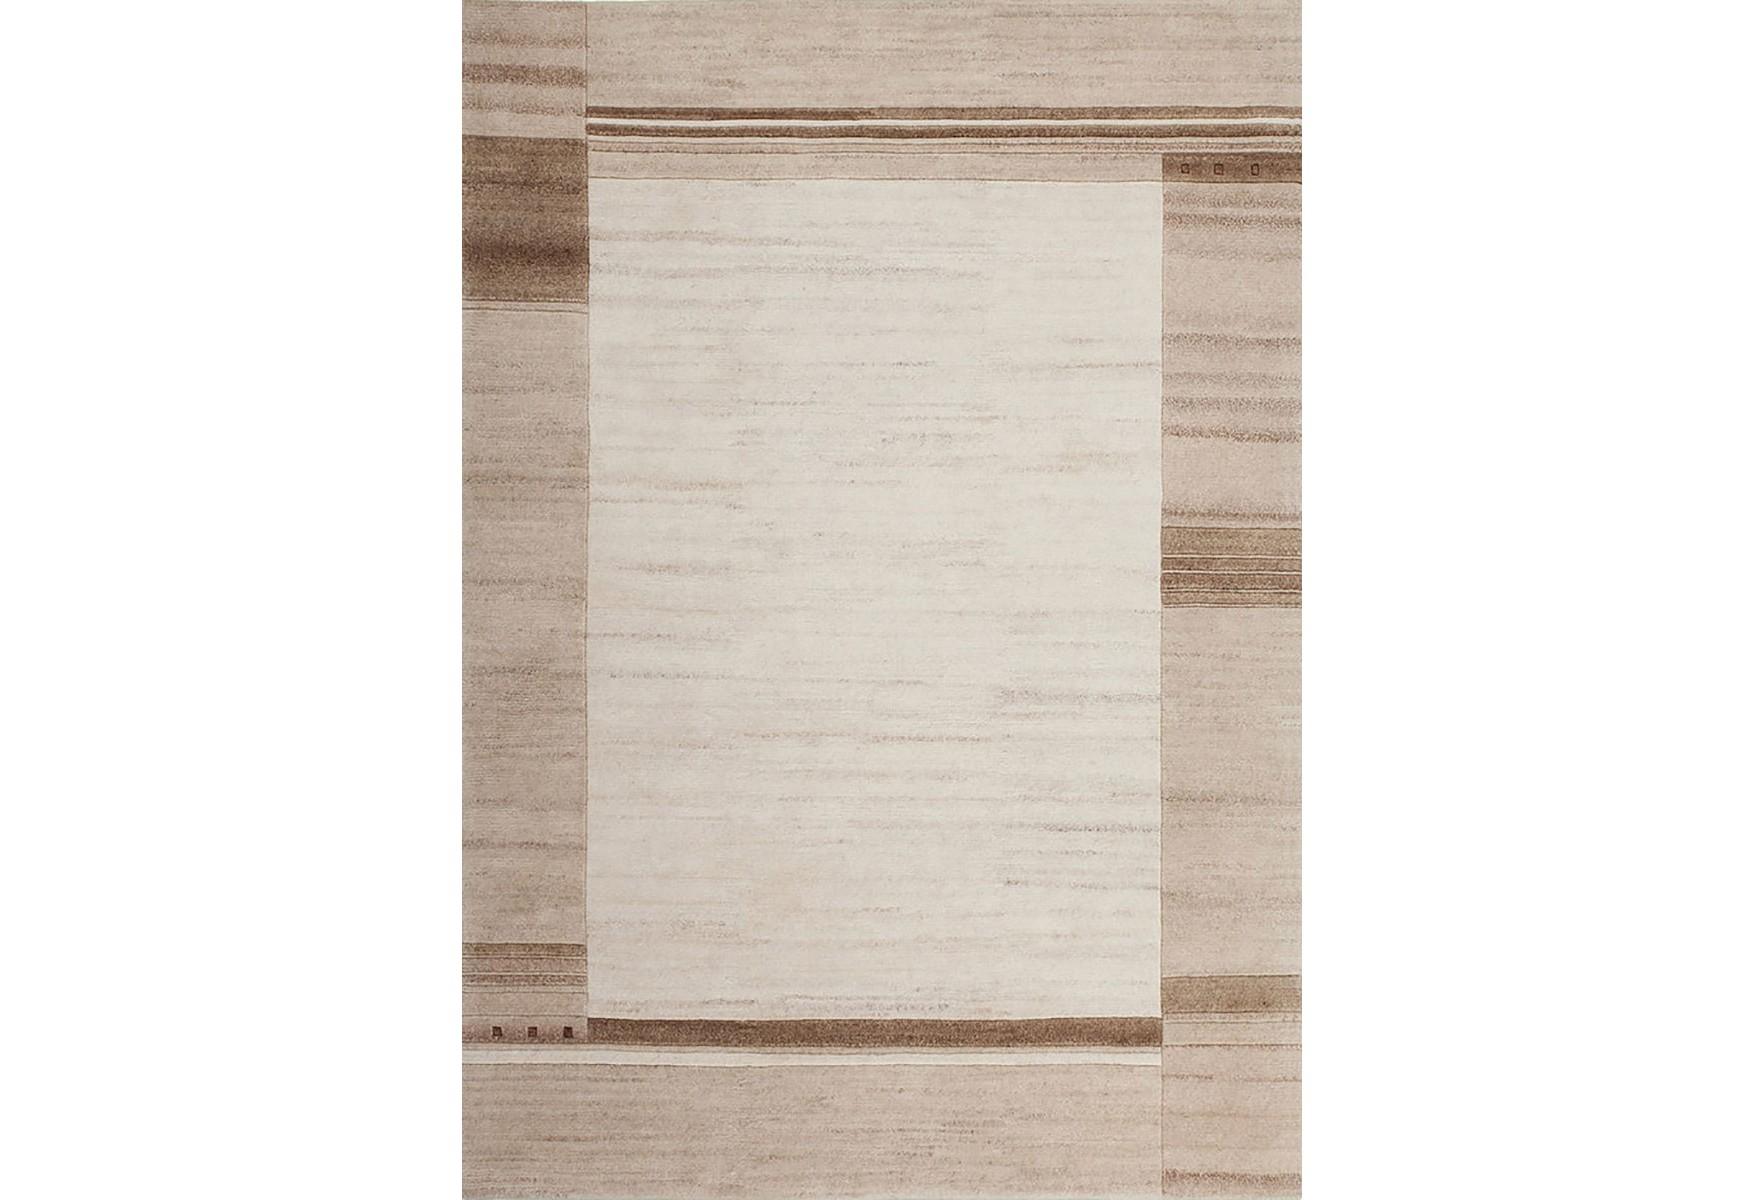 Ковер Nepal 160х230Прямоугольные ковры<br>Ковер ручной работы из высококачественной <br>новозеландской шерсти в геометрическом <br>стиле. Плотный и очень теплый!&amp;amp;nbsp;&amp;lt;div&amp;gt;&amp;lt;br&amp;gt;&amp;lt;/div&amp;gt;&amp;lt;div&amp;gt;Основа - хлопок.&amp;lt;/div&amp;gt;<br><br>Material: Шерсть<br>Ширина см: 160<br>Глубина см: 230